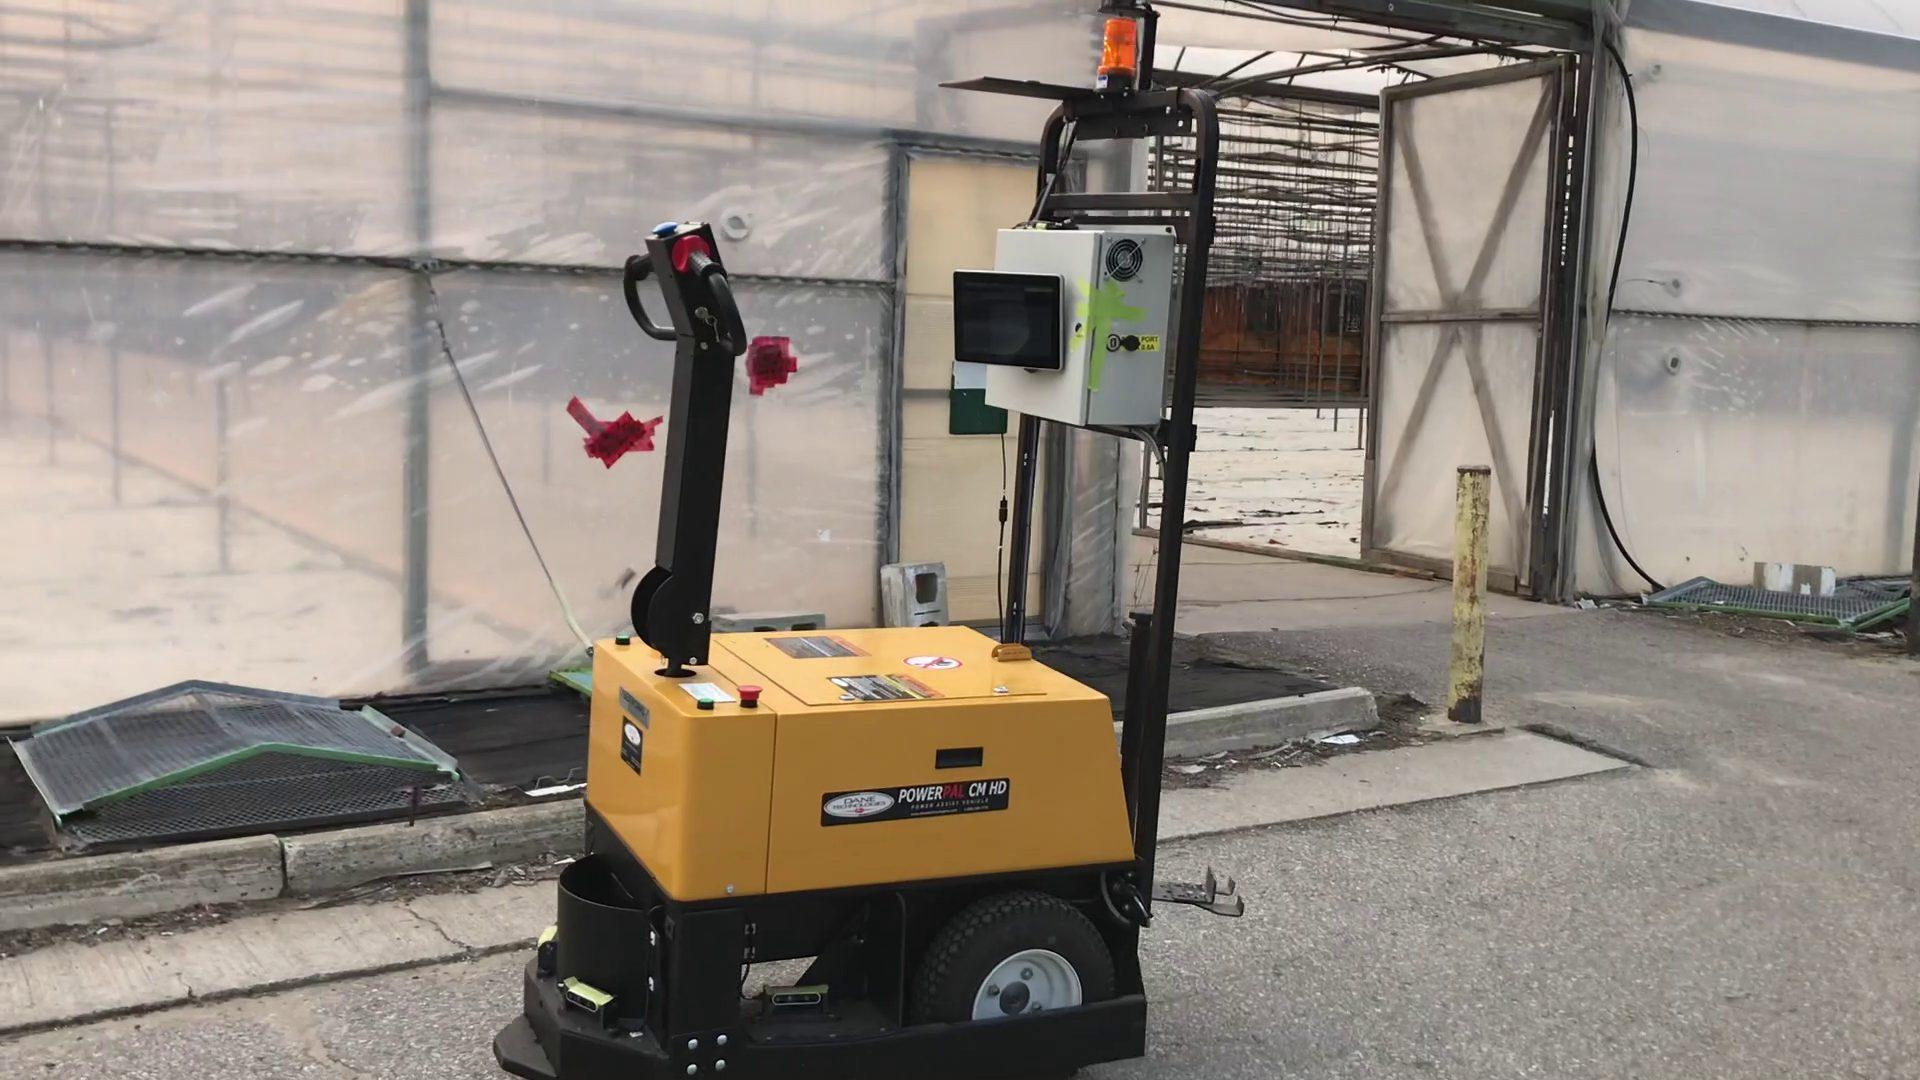 Autonomes Fahren mit Tiefenkameras in Treibhäusern